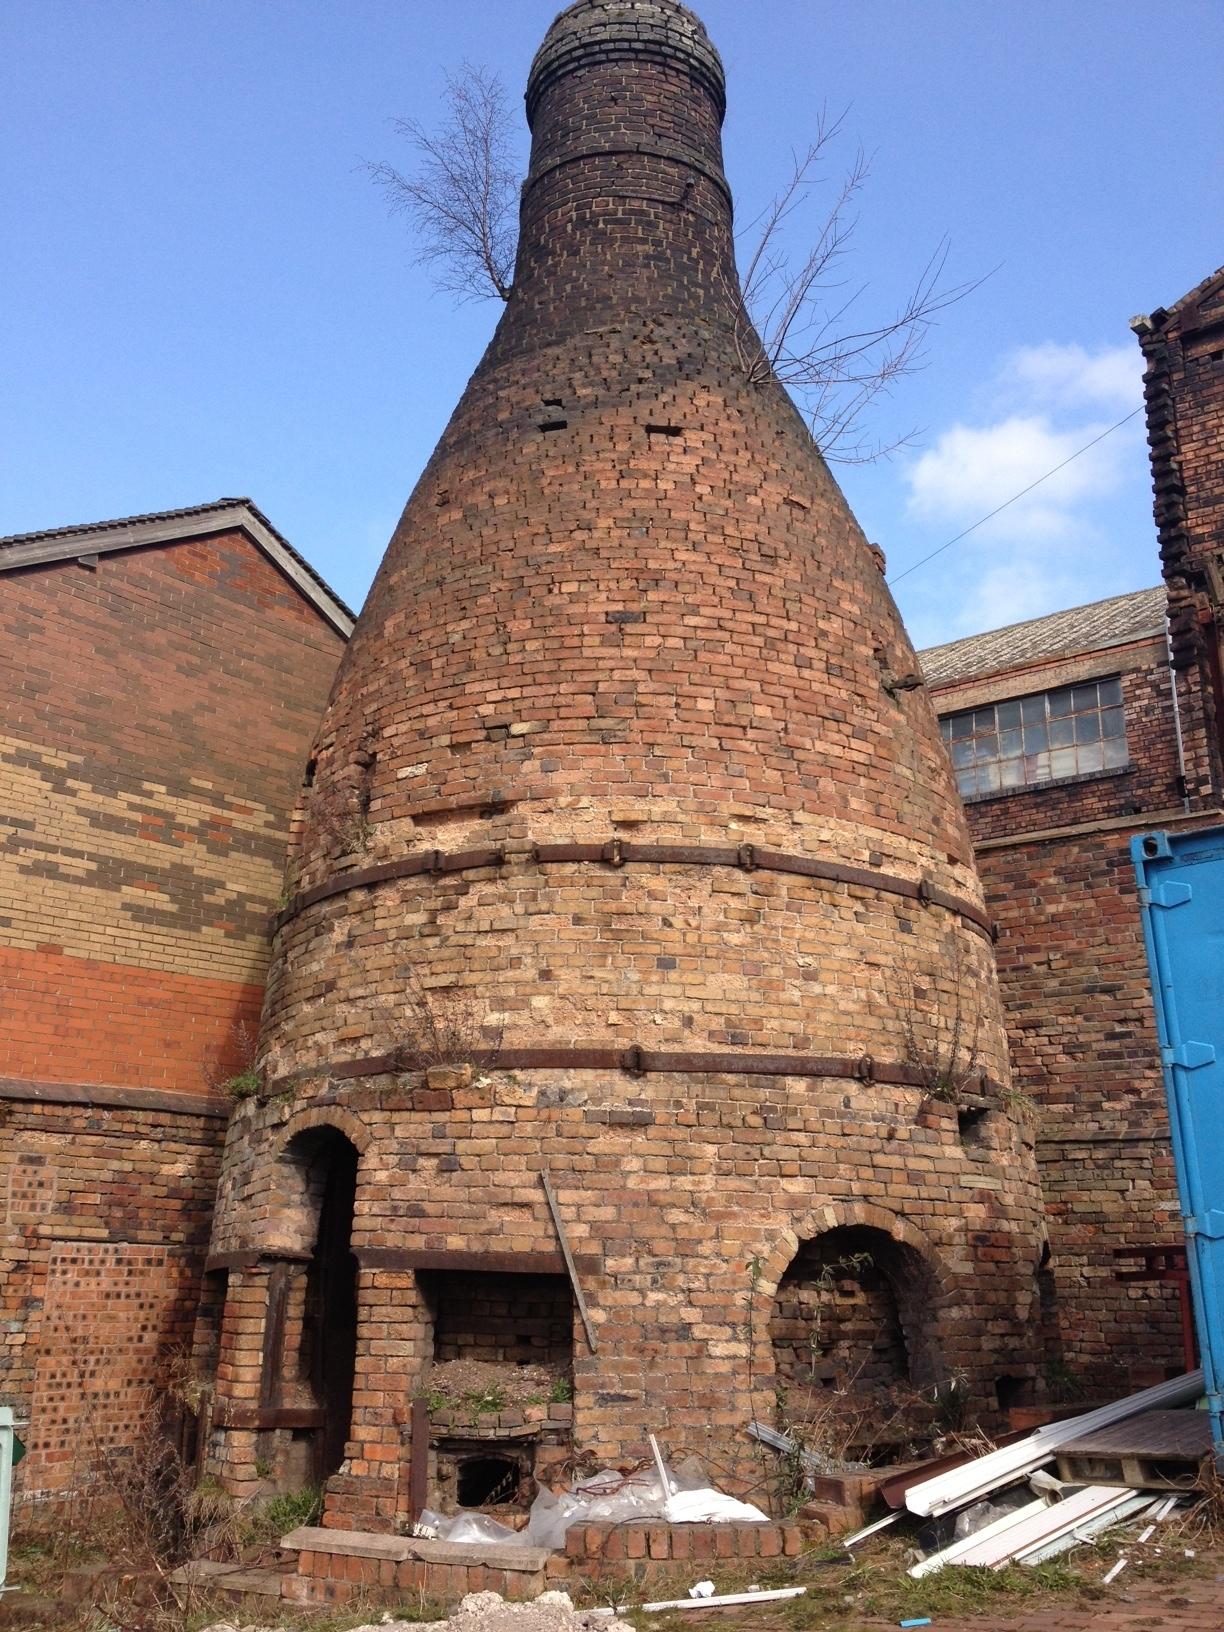 traditional bottle kiln in Longton, Stoke on Trent